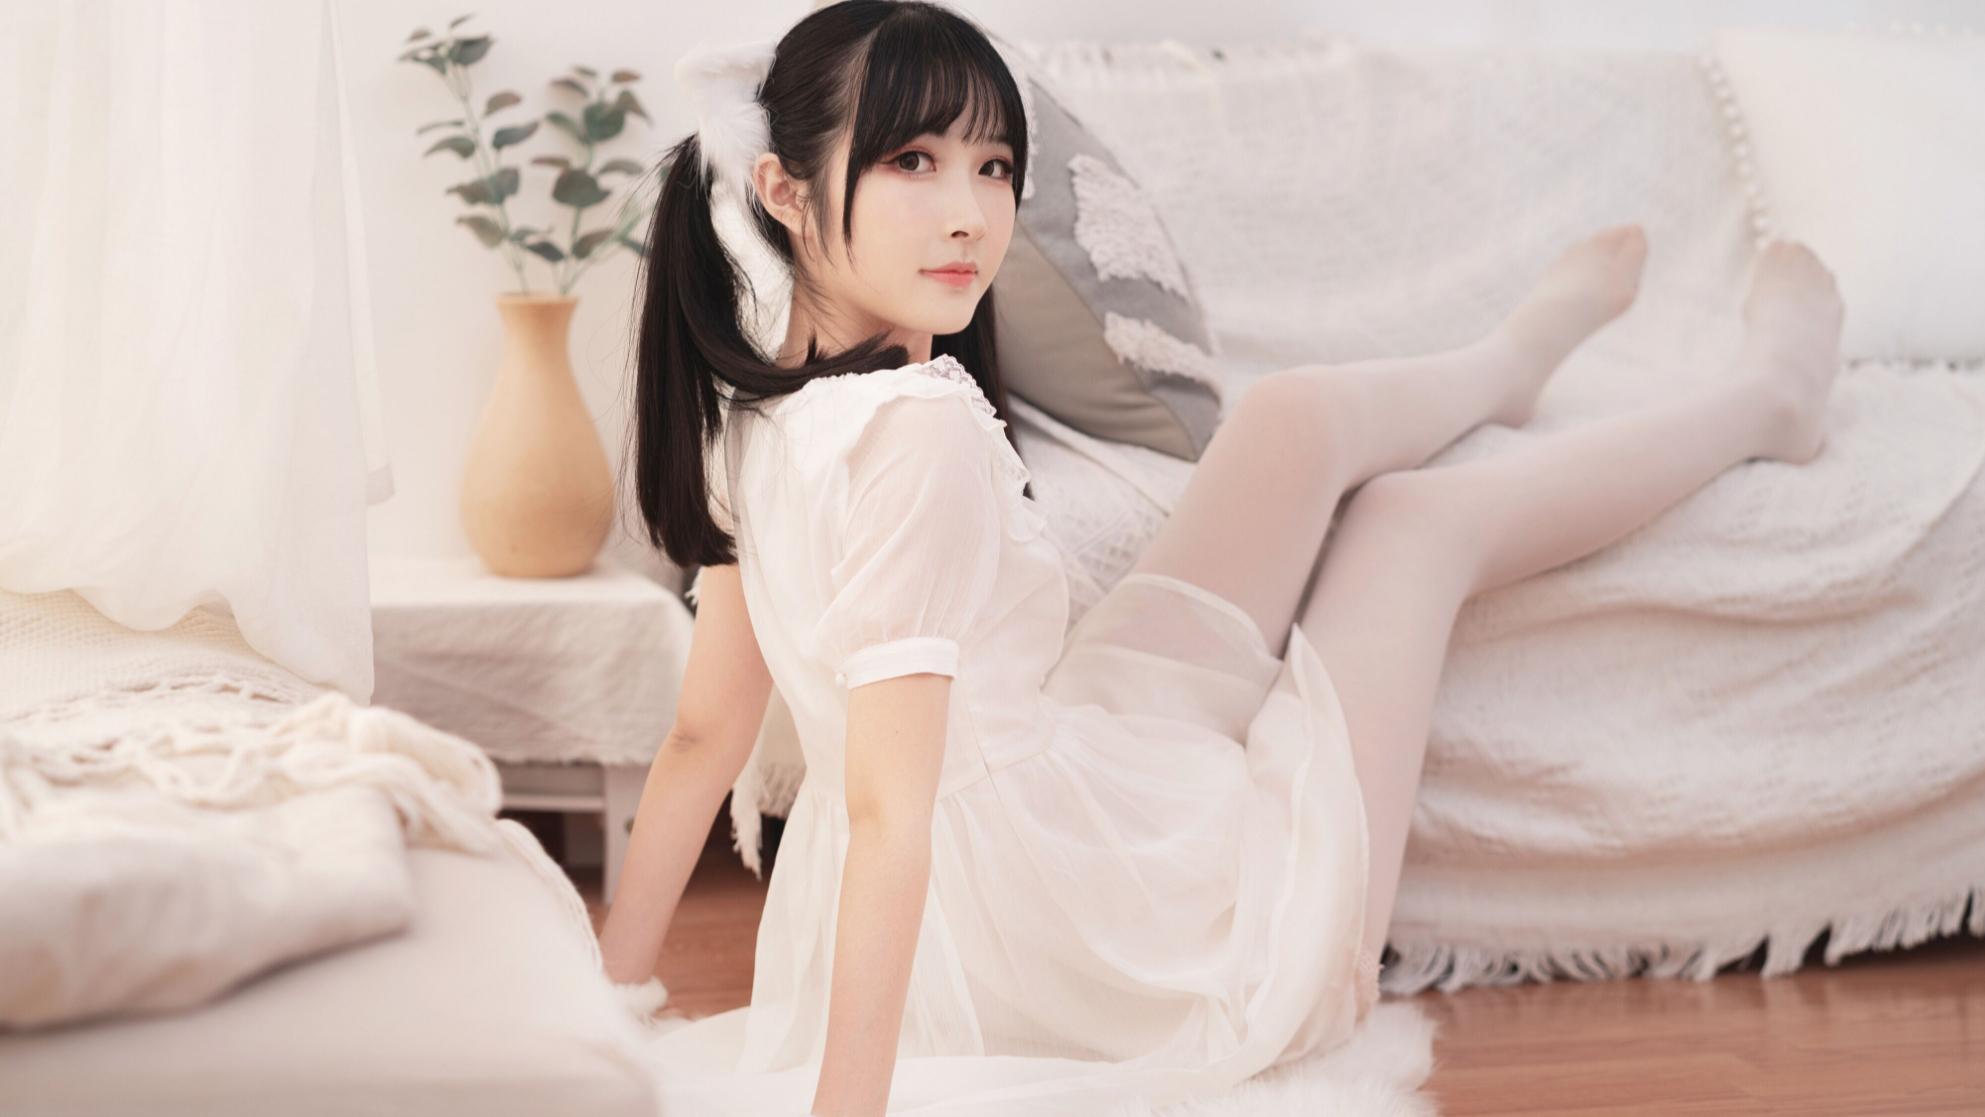 【NeKo】猫步轻俏Like a Cat 挠痒小白猫~o(=•ェ•=)o